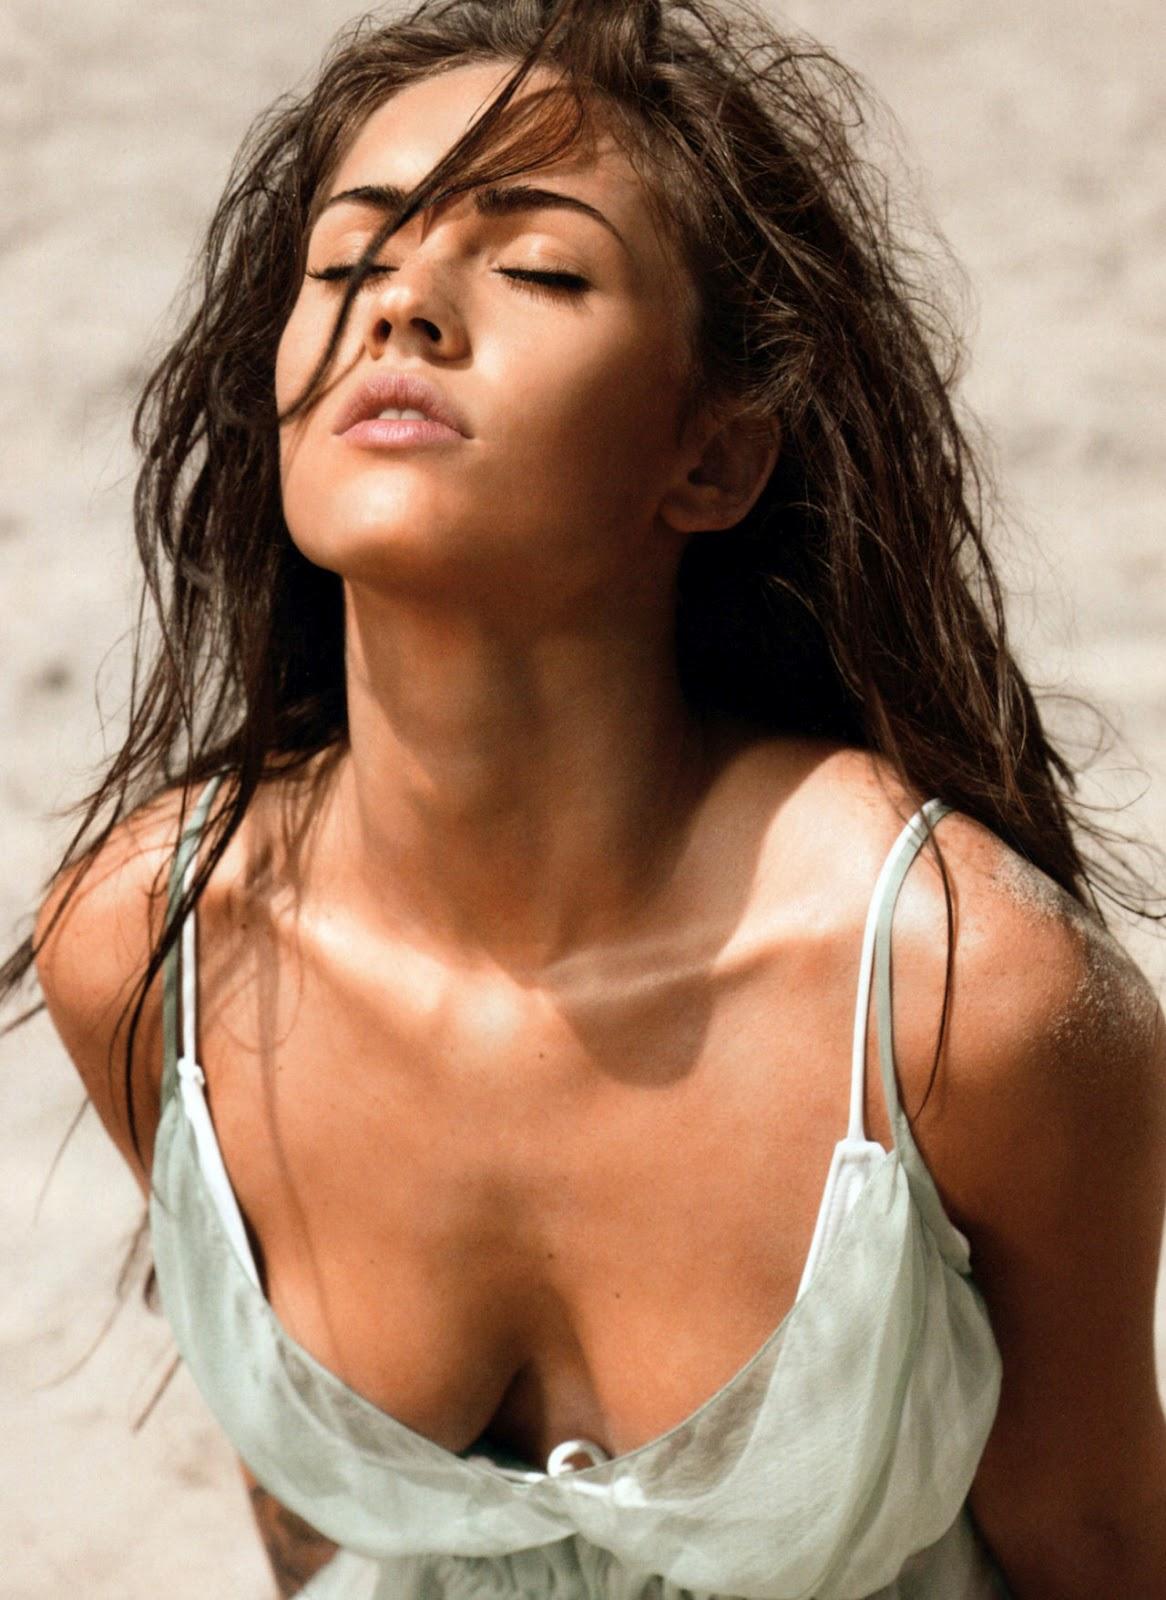 hot wallpaper: Megan Fox Boobs